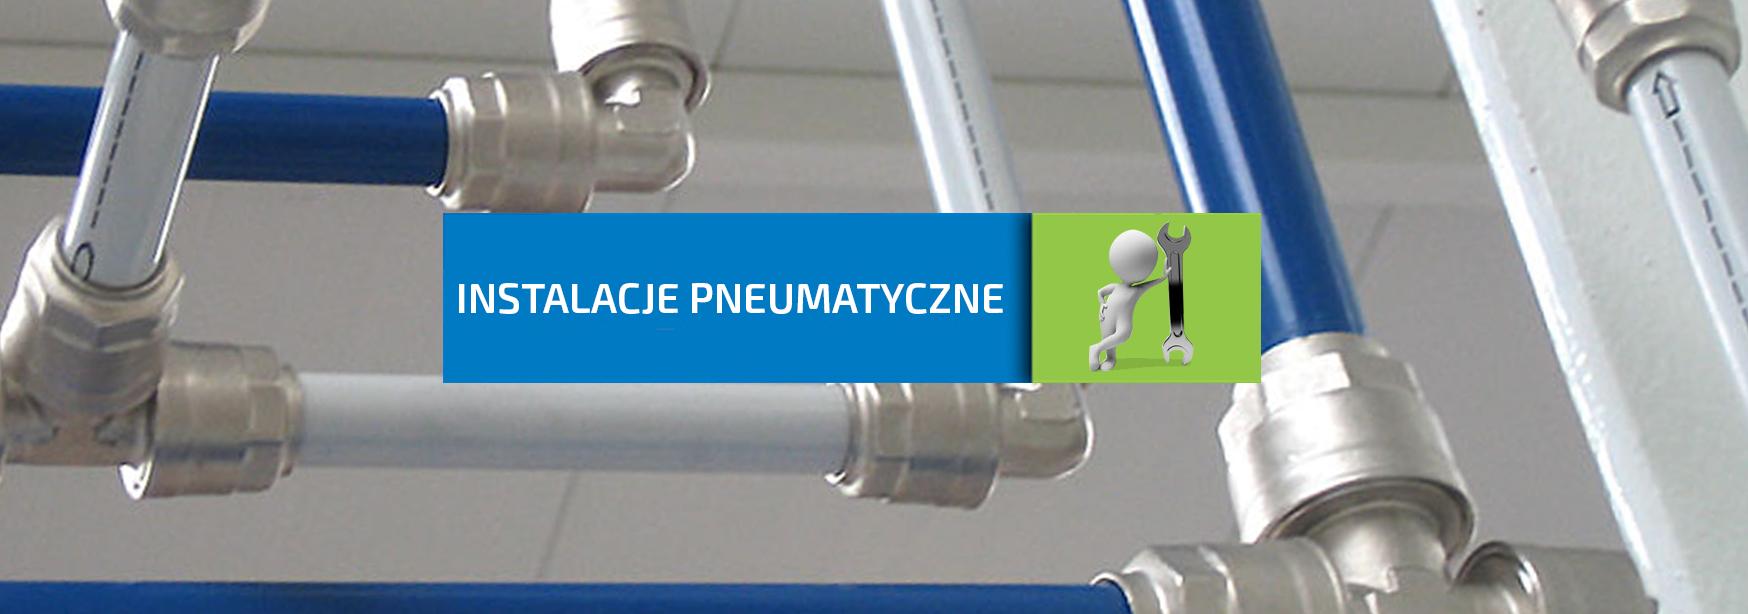 Instalacje pneumatyczne